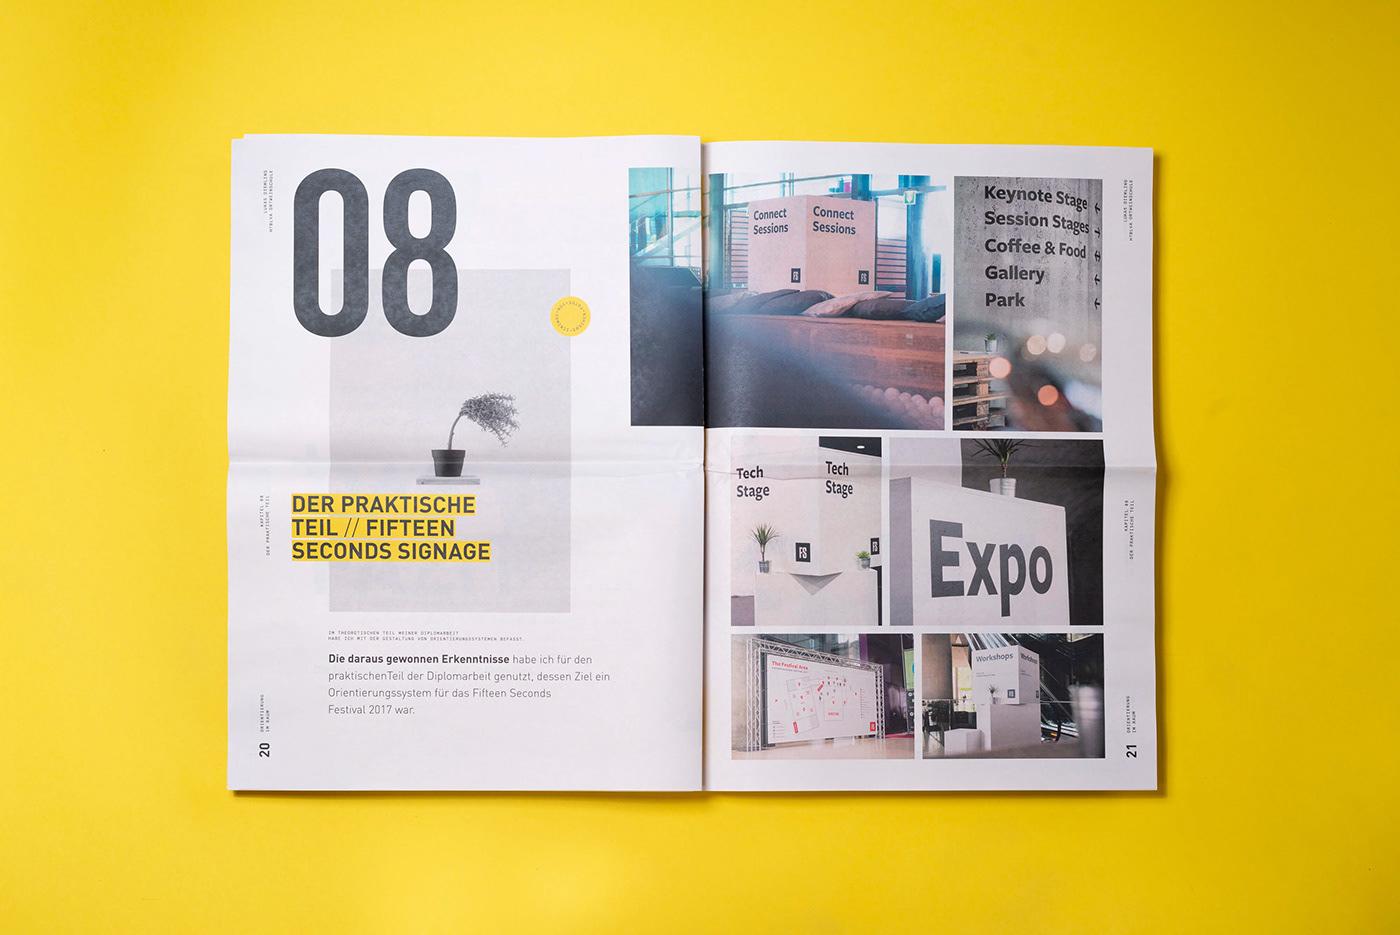 Orientierung im Raum – Design